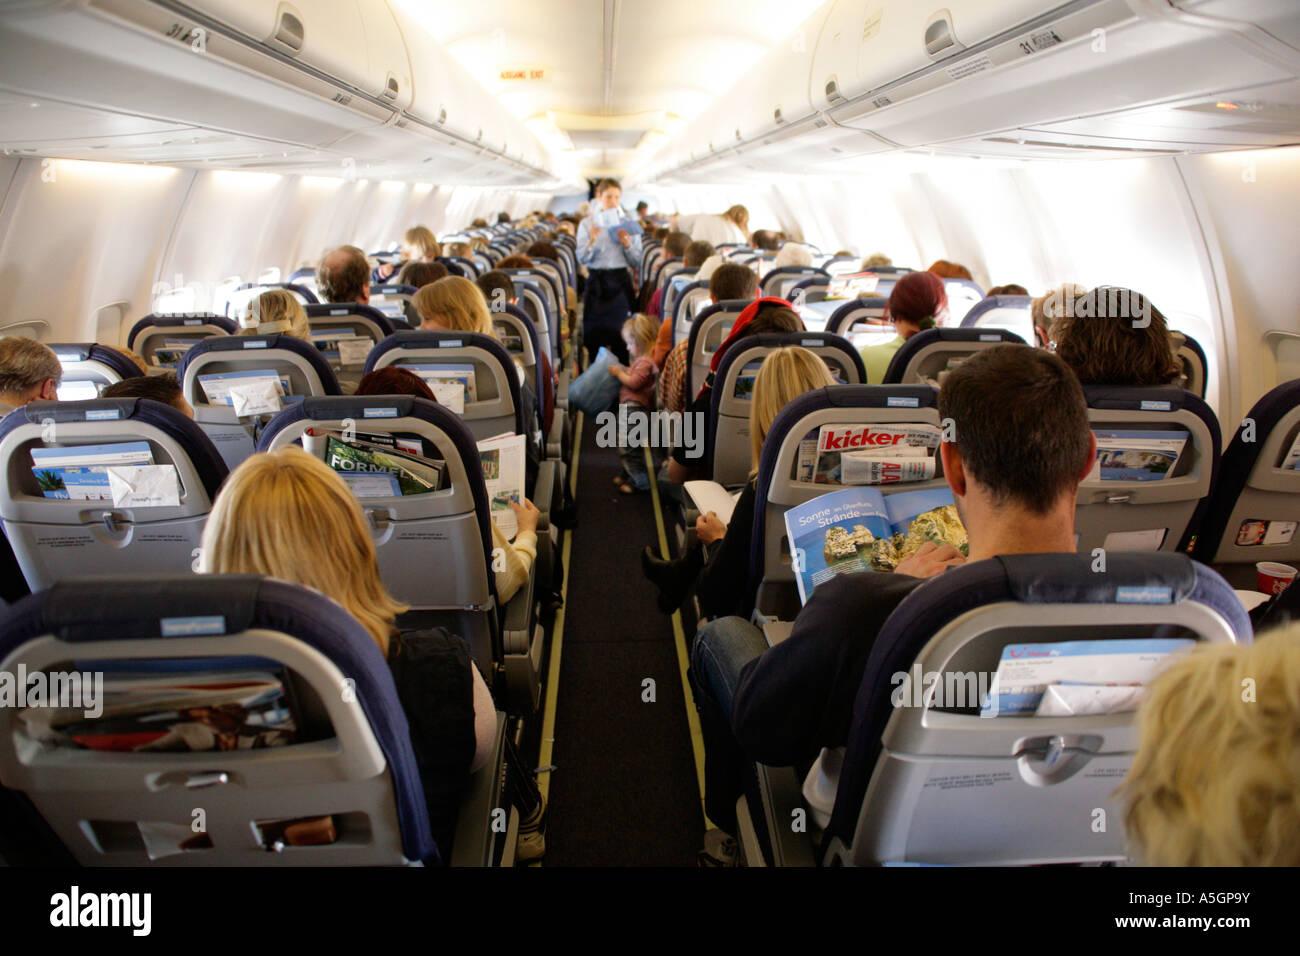 All'interno di un aereo di passeggero in volo Immagini Stock